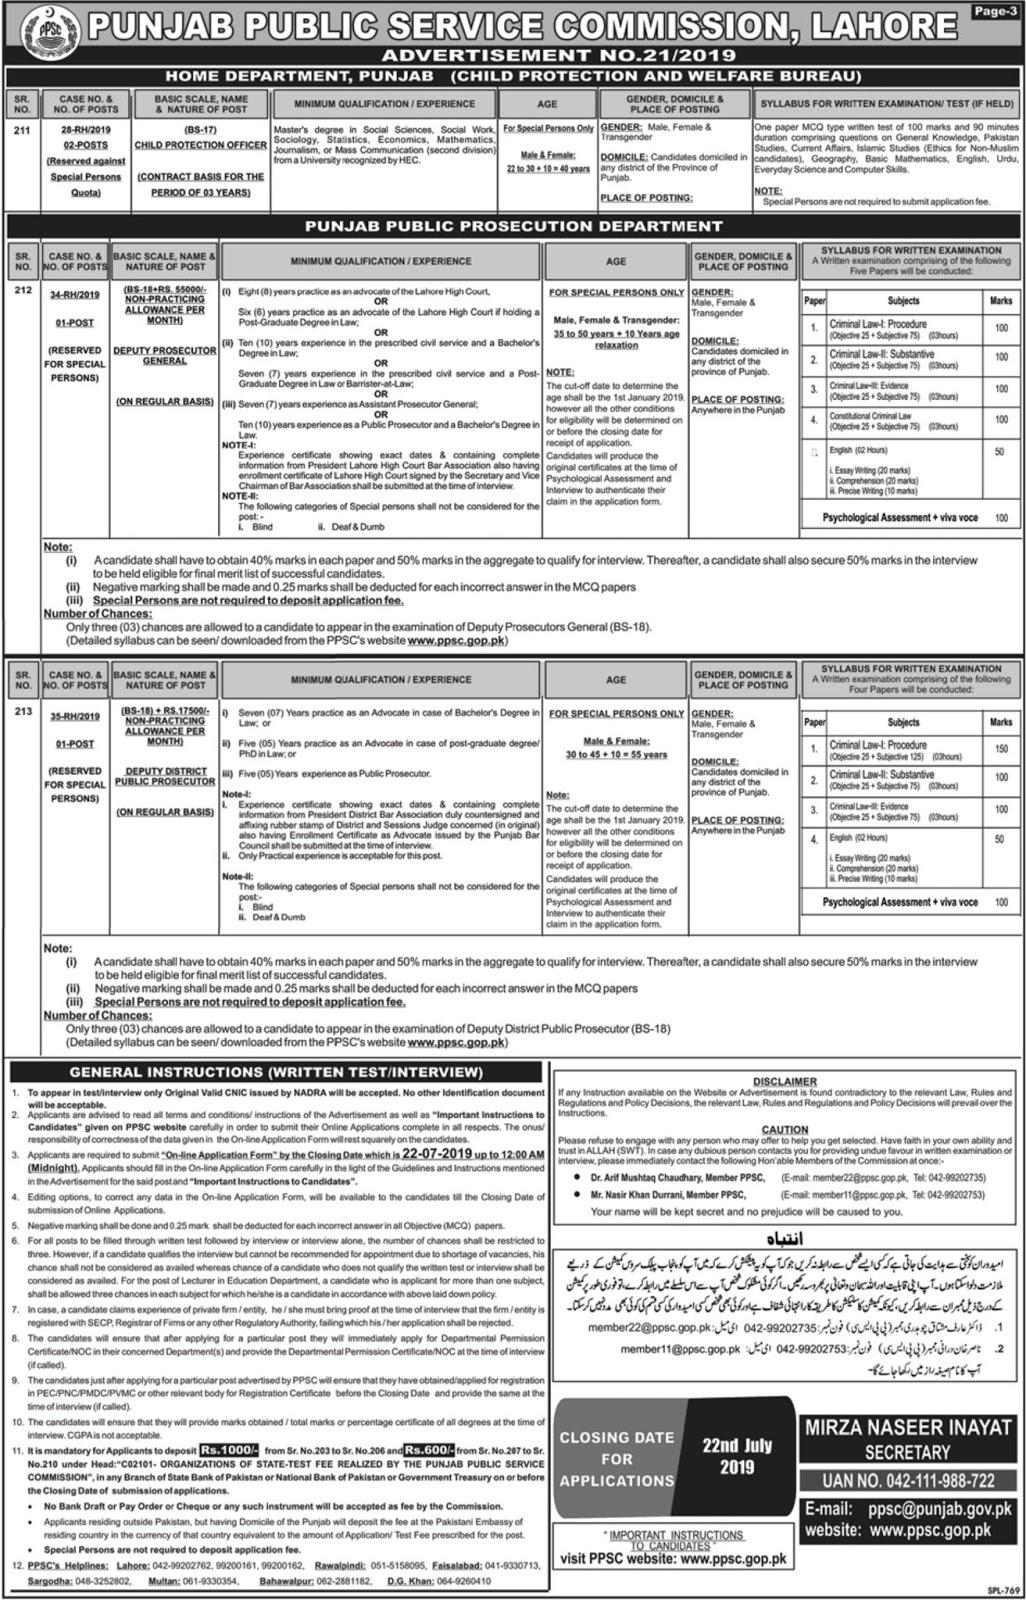 Punjab Public Service Commission PPSC Lahore Jobs 2019 advertisement No.21/2019 Apply Online